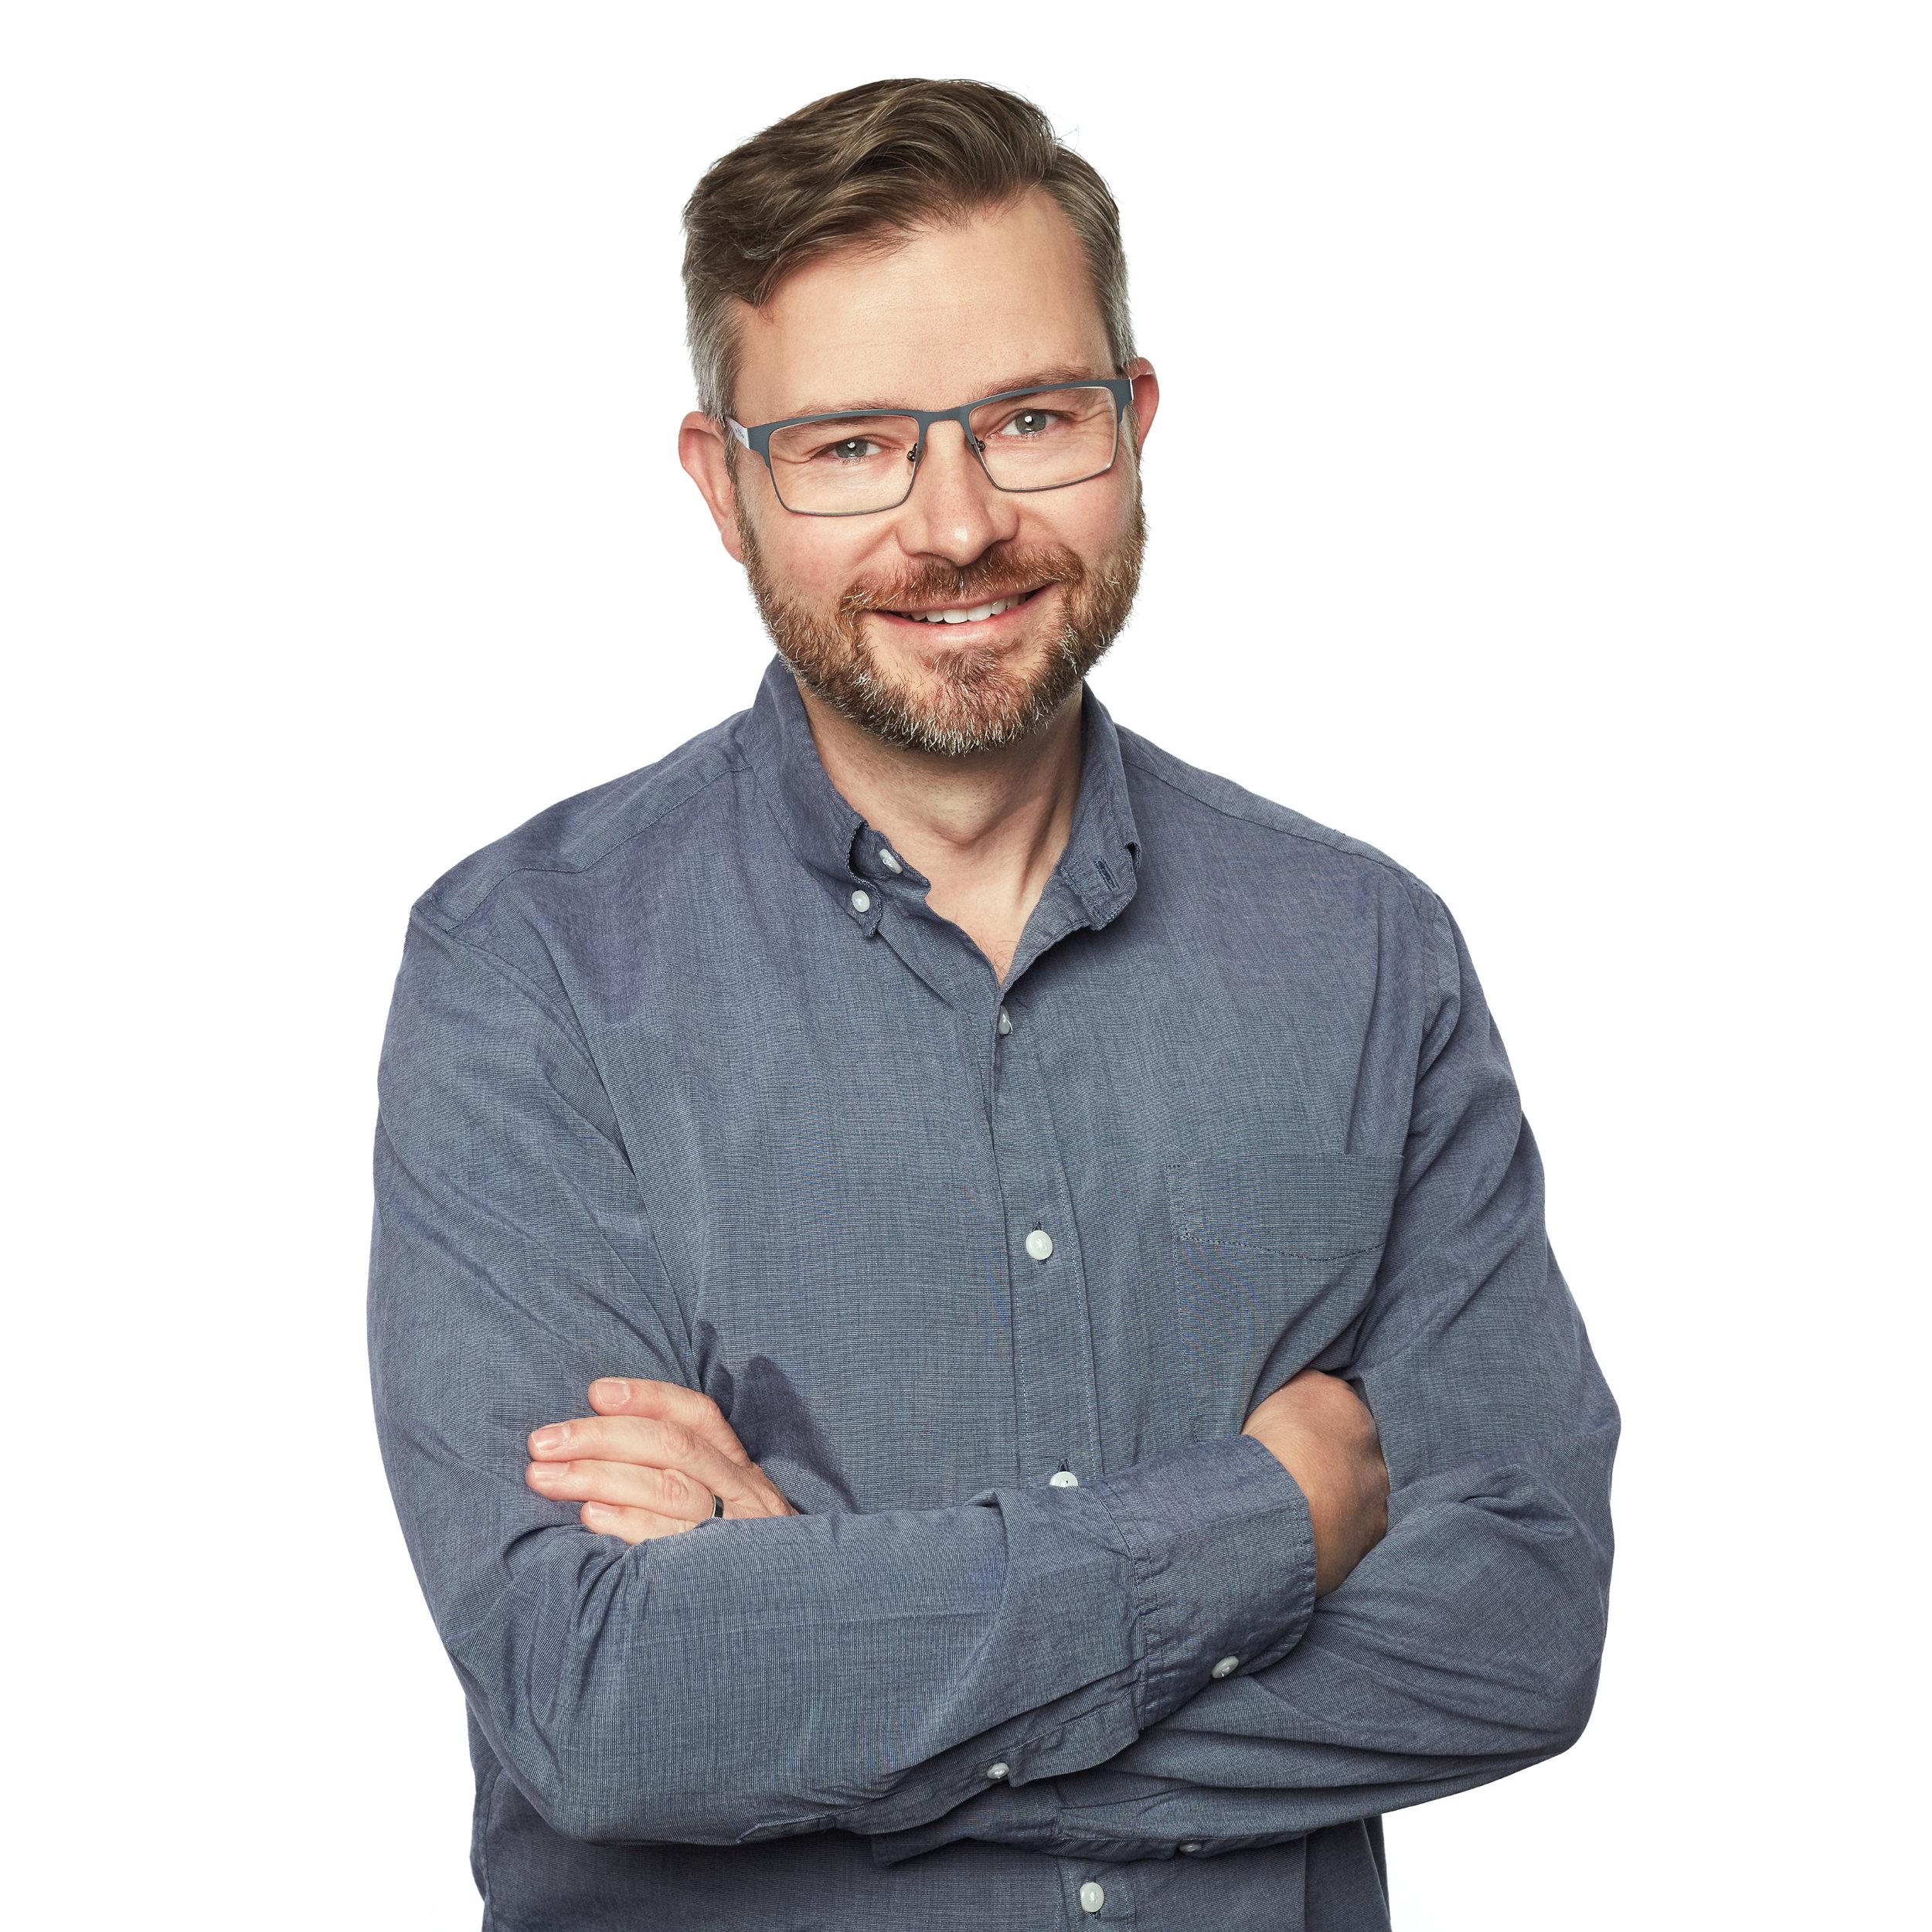 Adam Legge